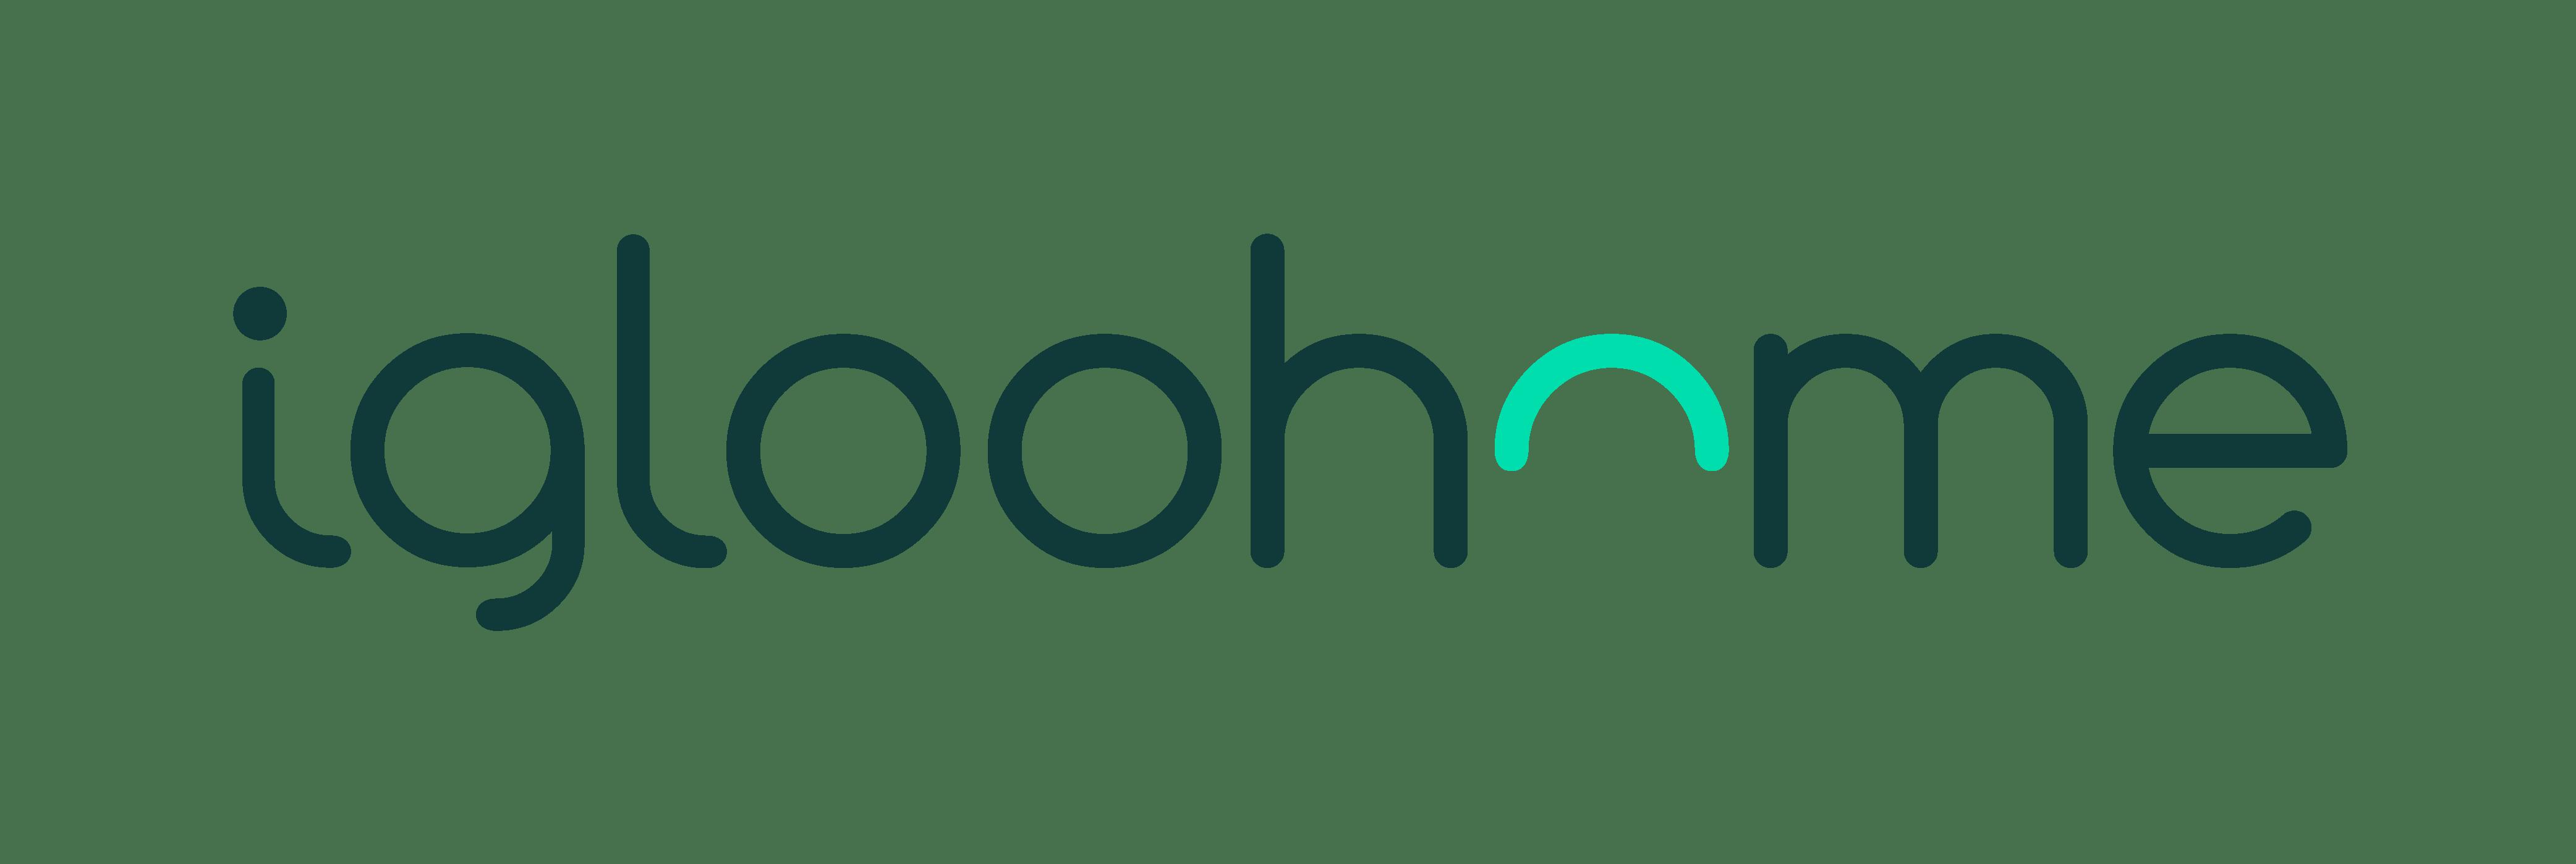 igloohome company logo